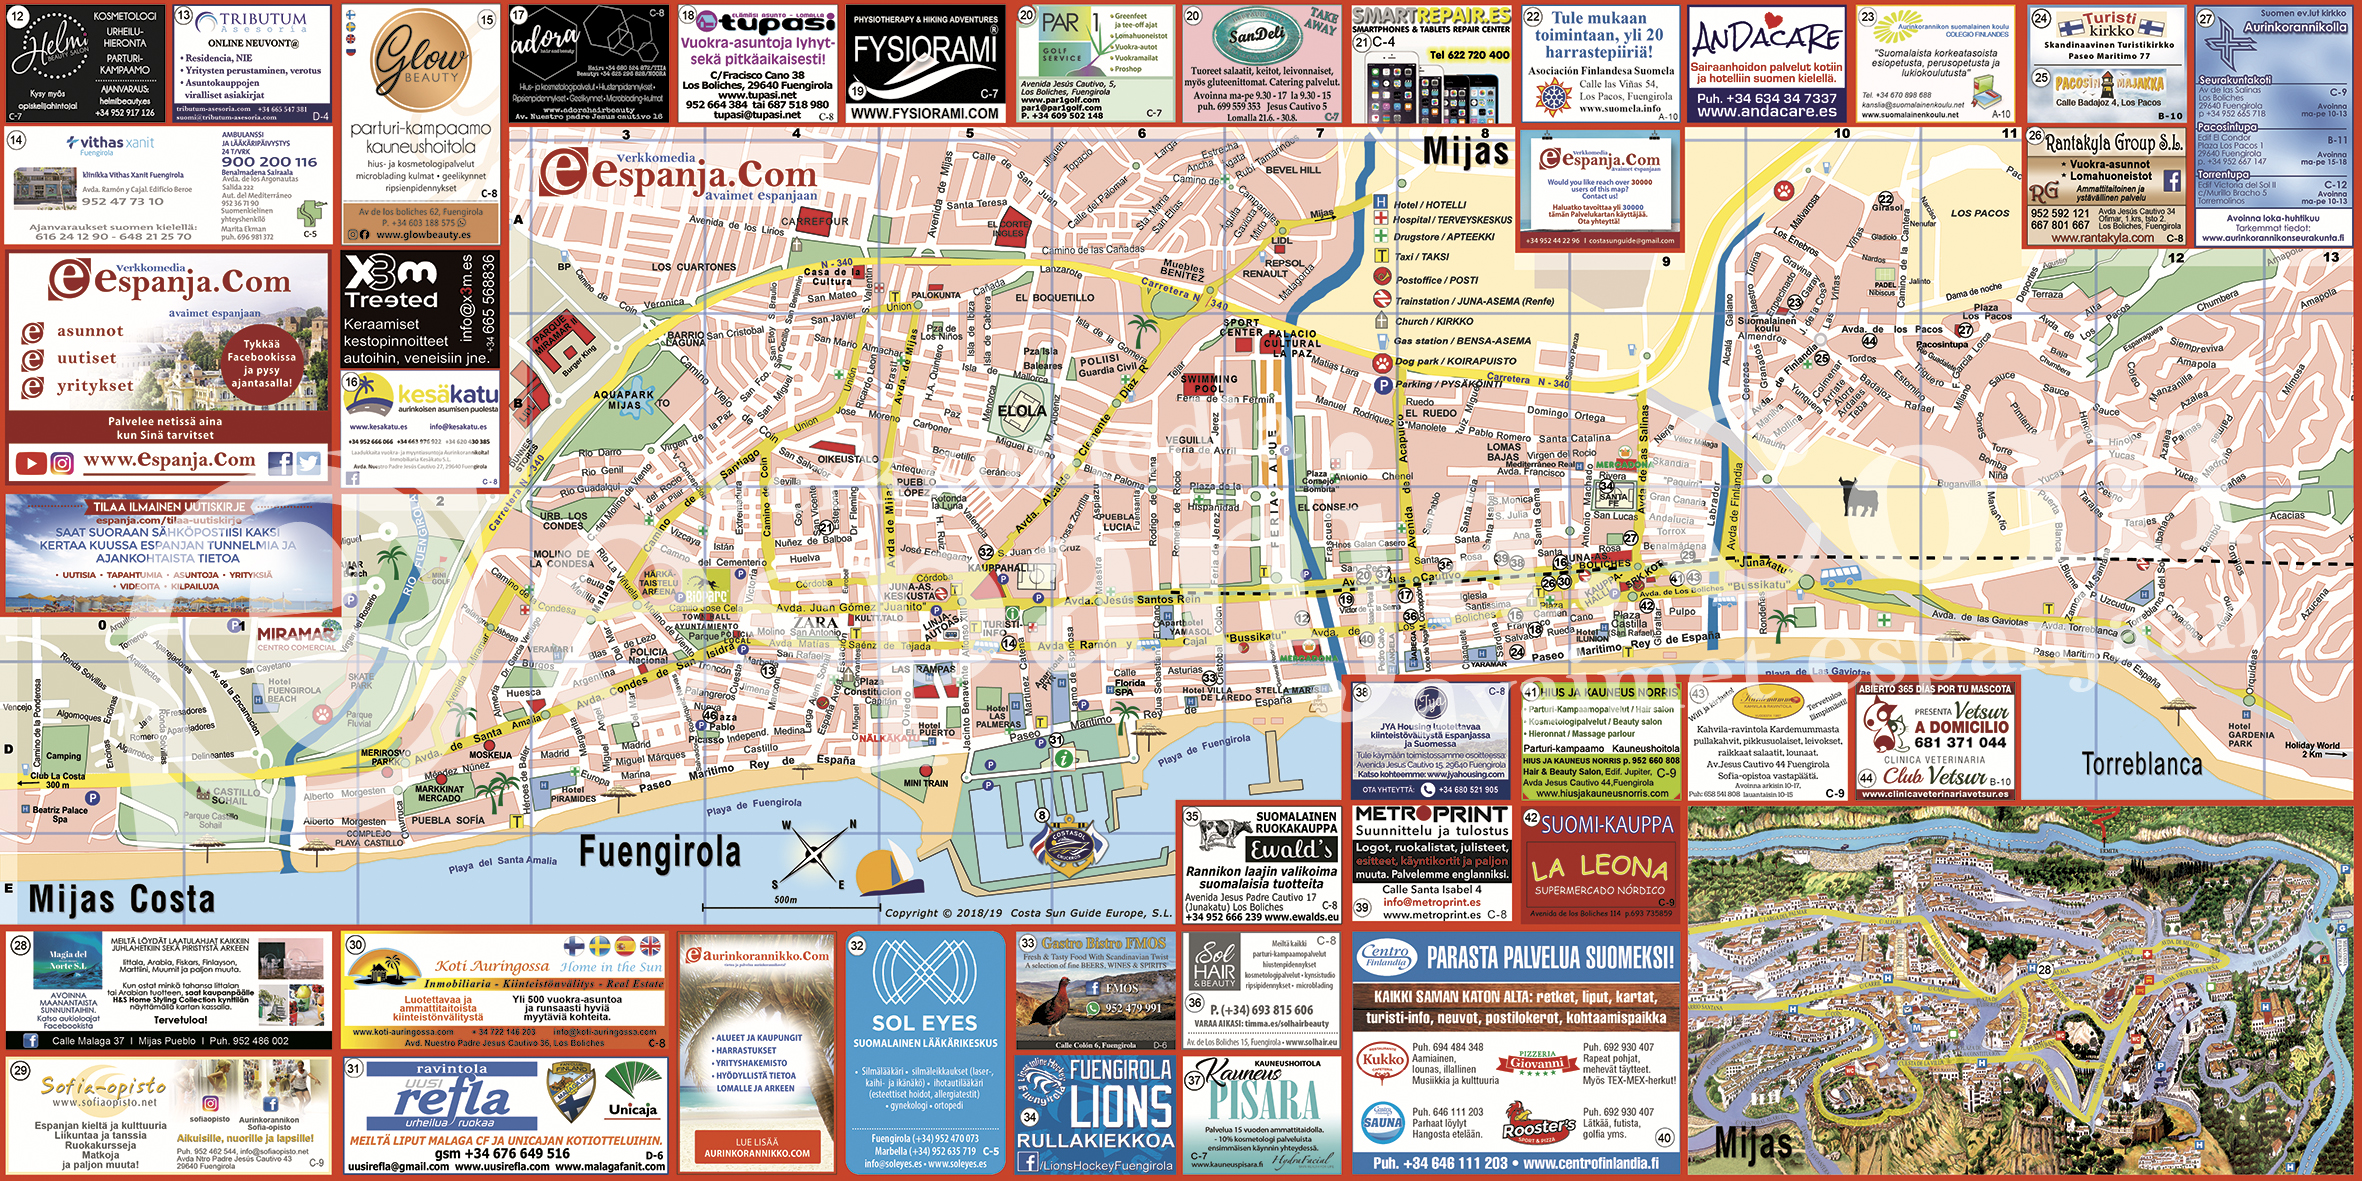 Kartta tieto